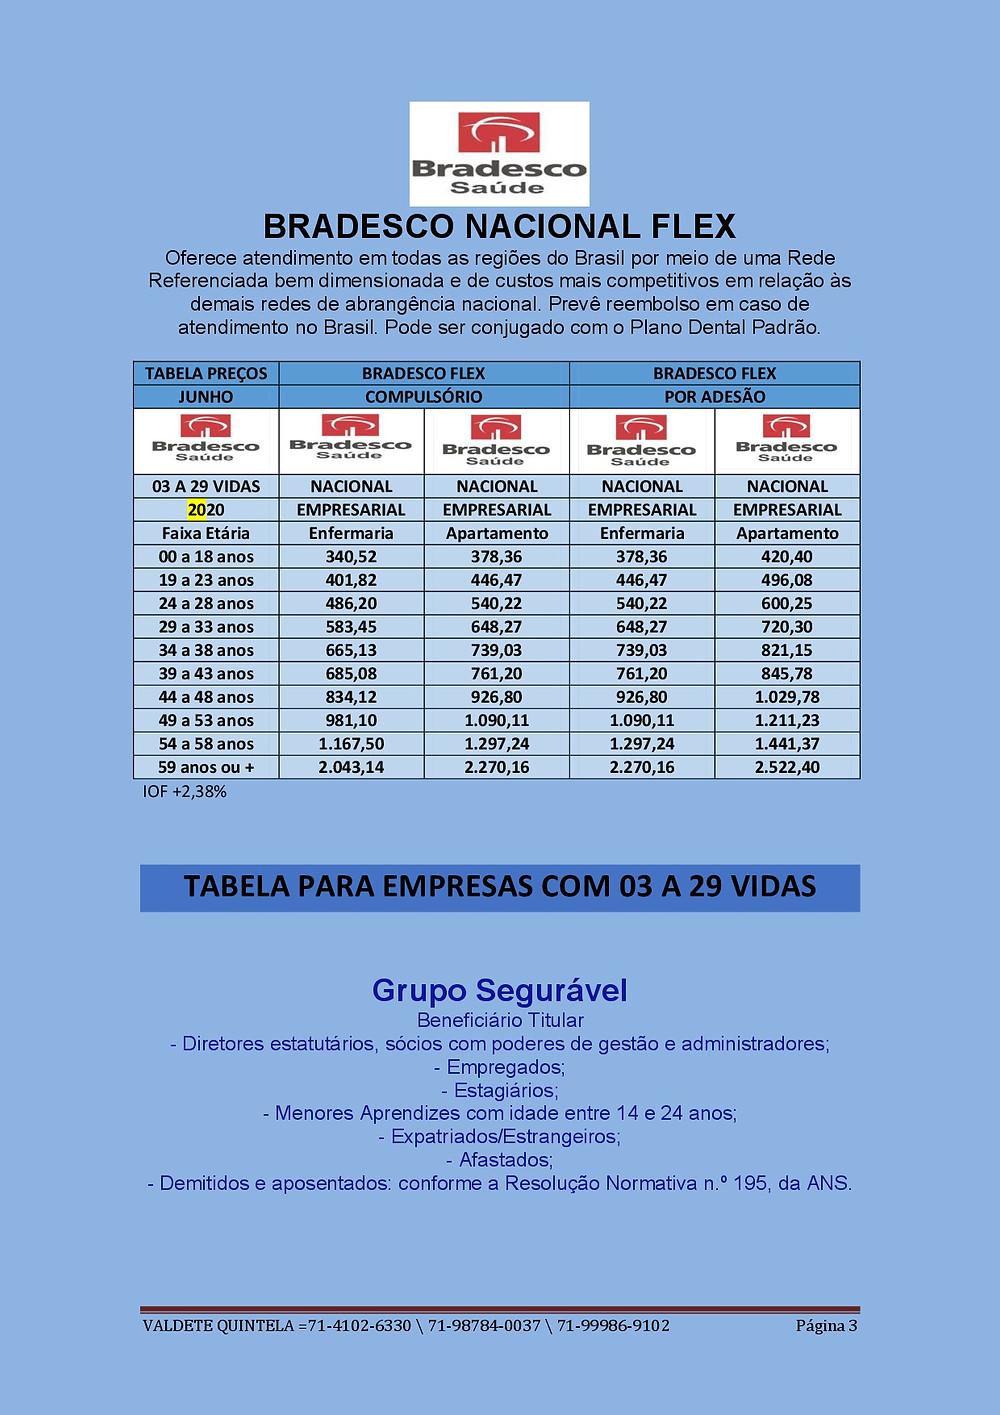 planosdesaudeba.com.br/download-de-precos-bahia